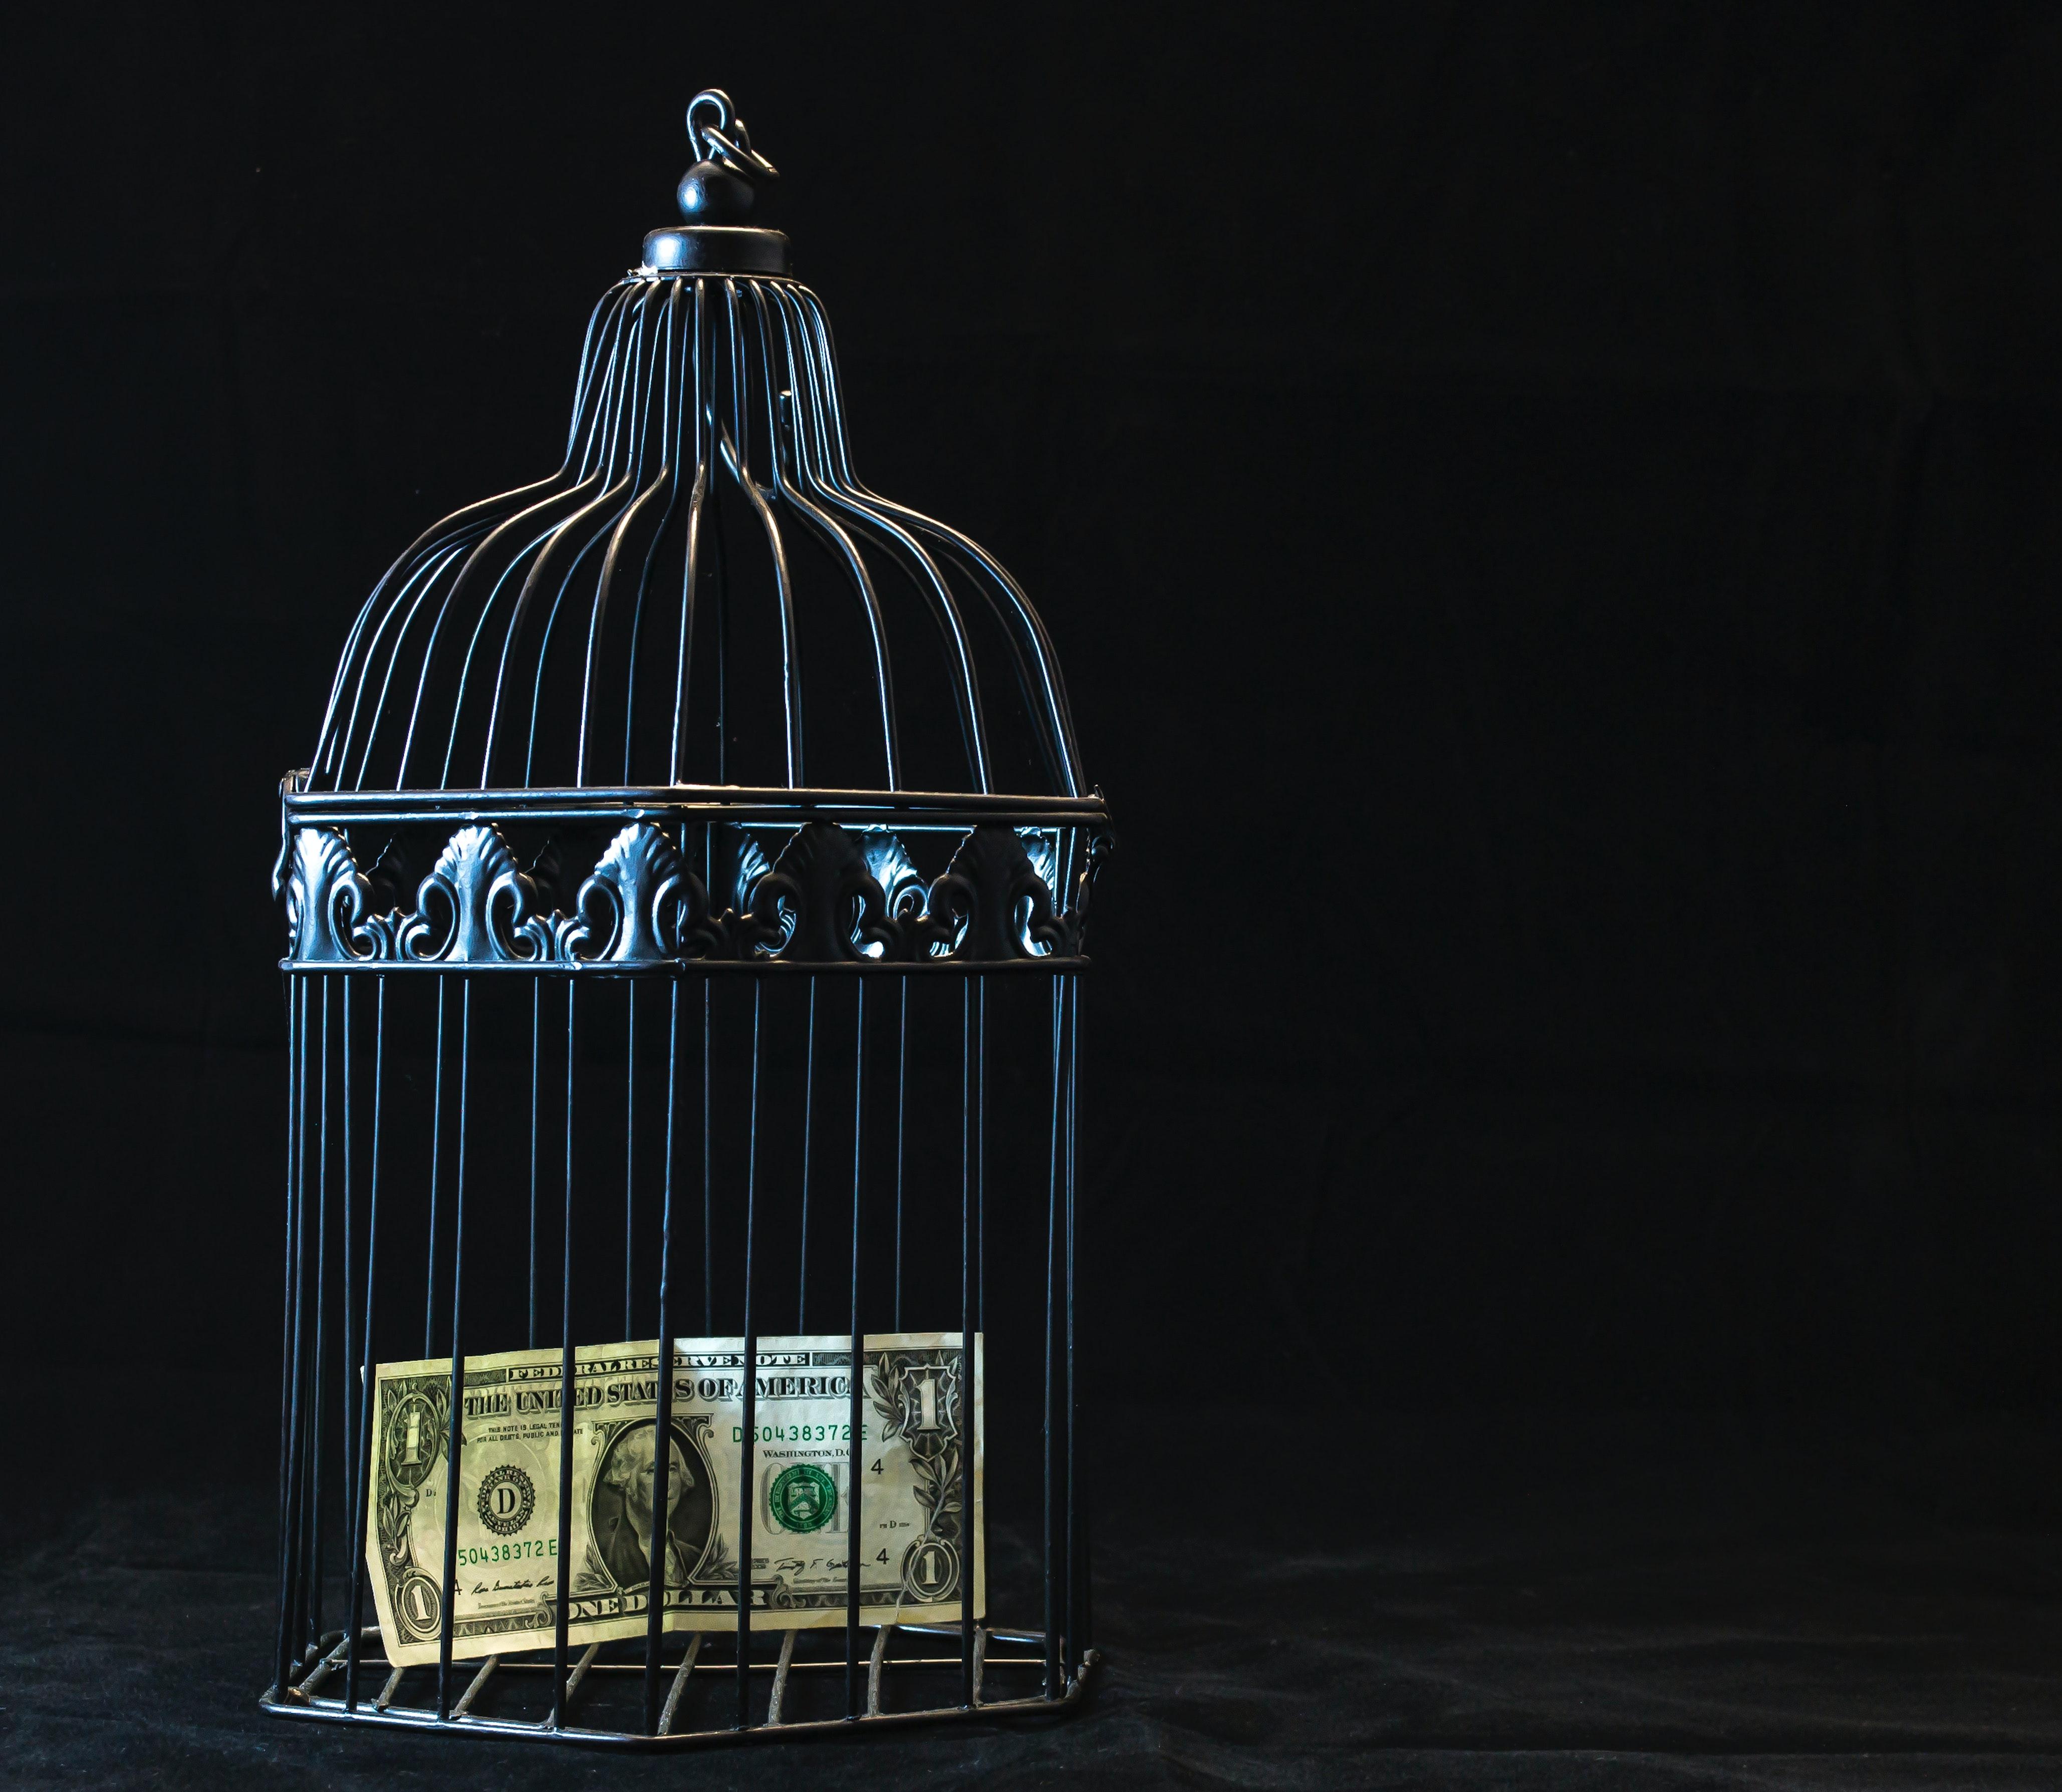 Что делать, если на тебя взяли кредит без твоего ведома